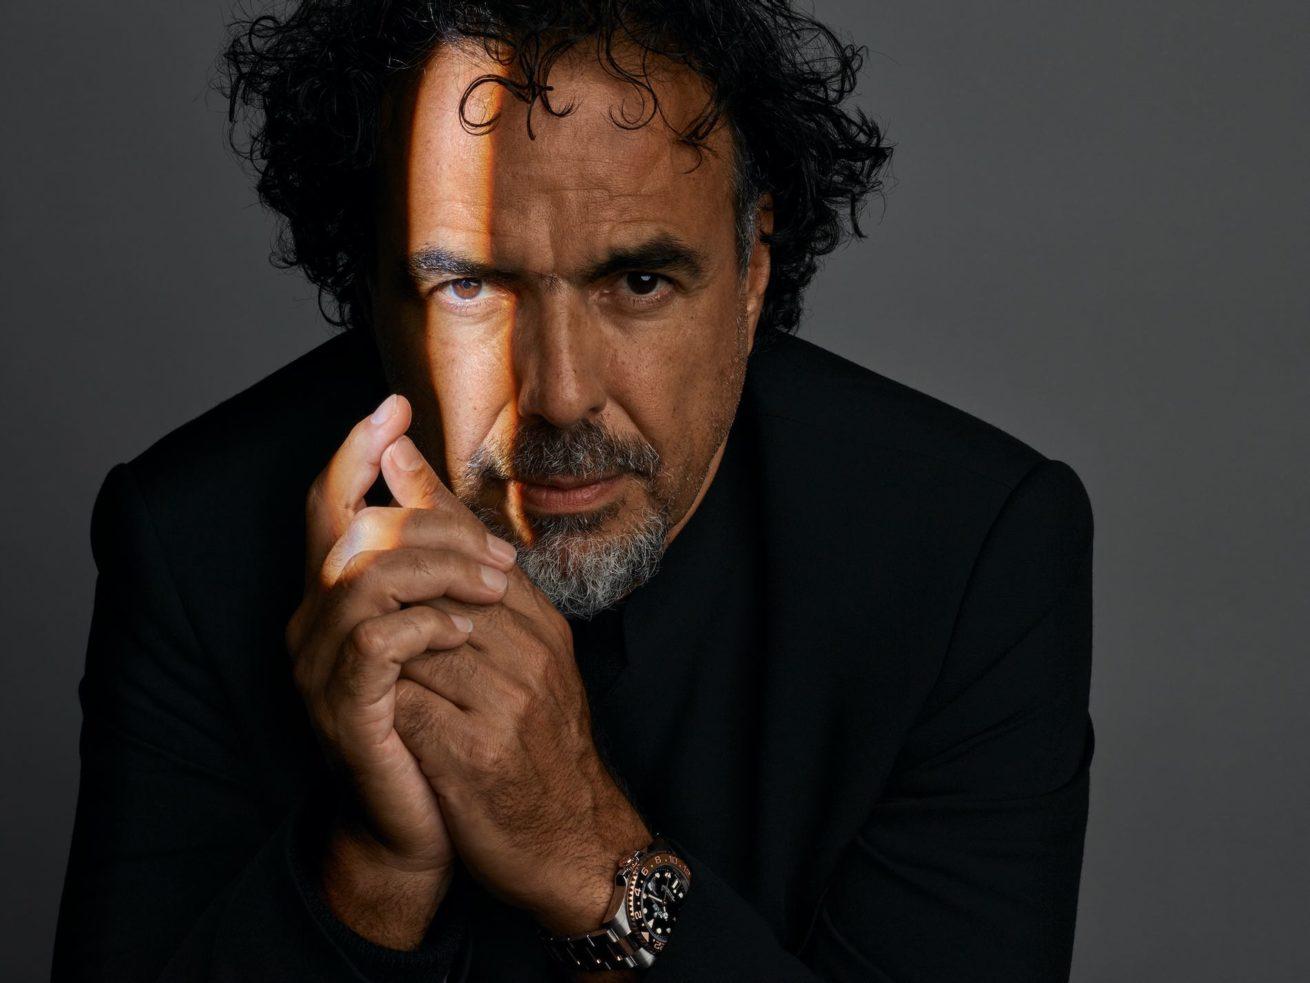 alejandro g. iñárritu'nun yeni filminin çekimleri tamamlandı